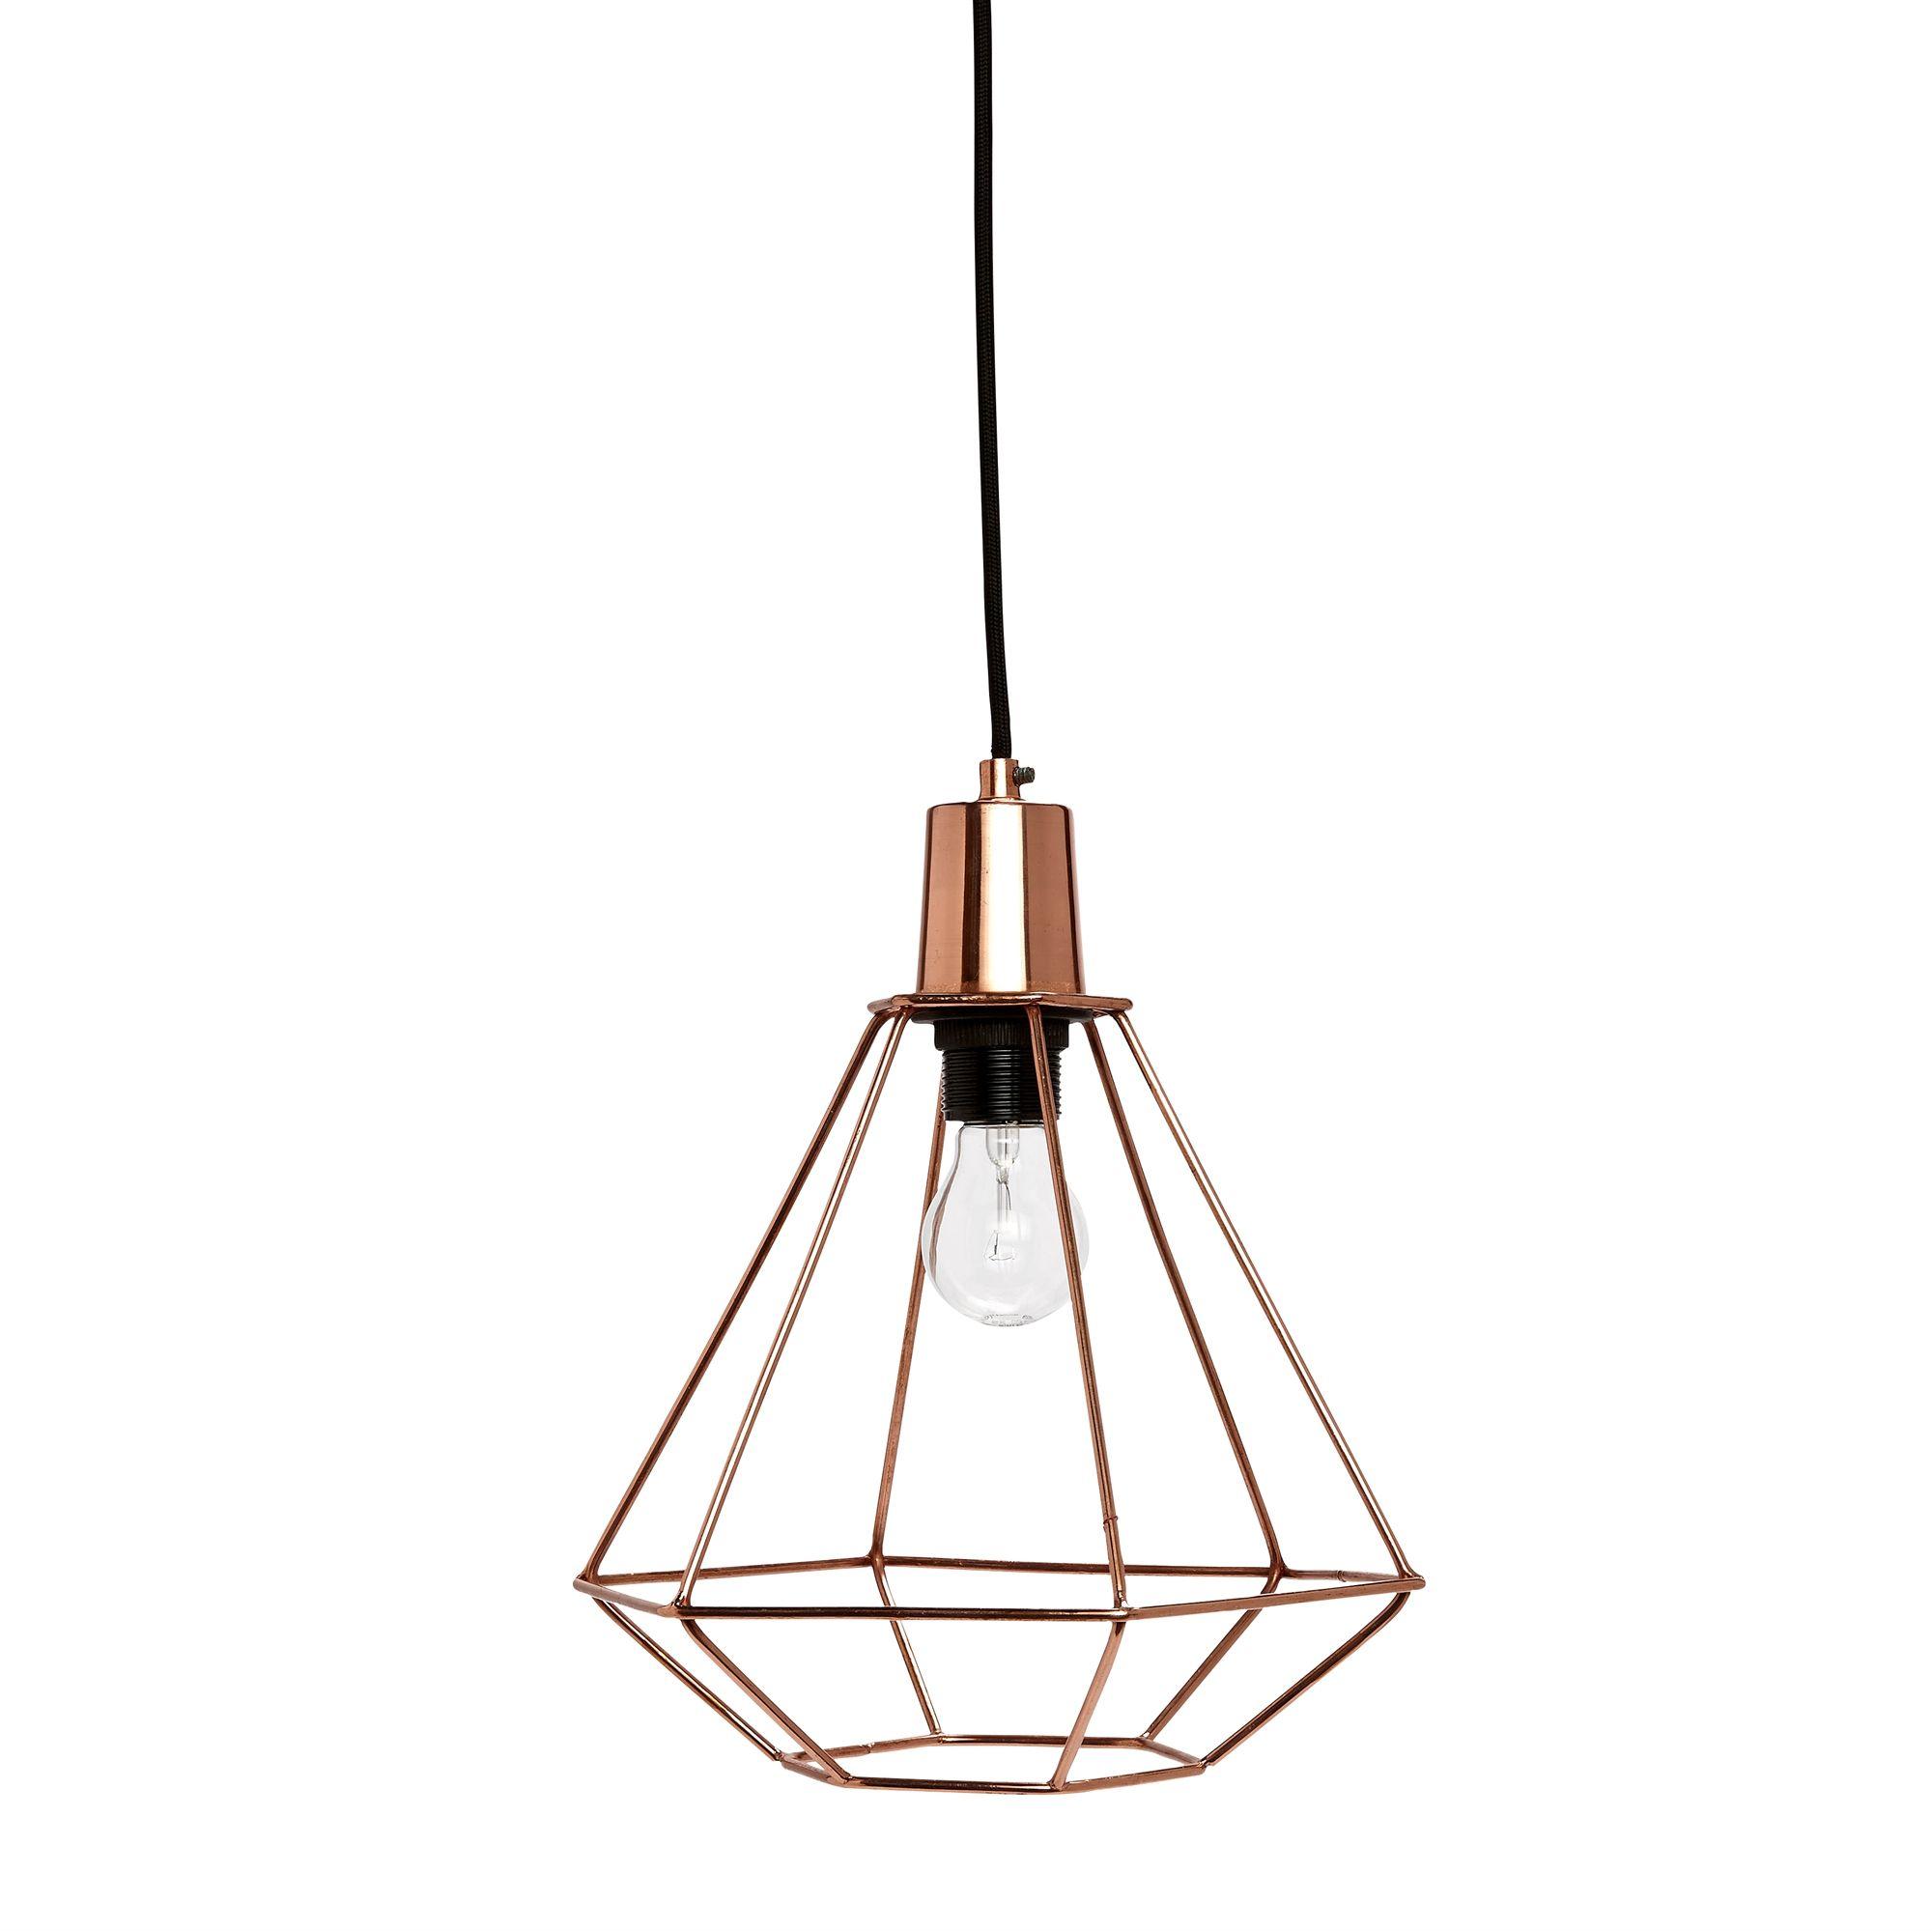 sk n diamant kobber lampe fra h bsch br ndum interi r interior design pinterest. Black Bedroom Furniture Sets. Home Design Ideas